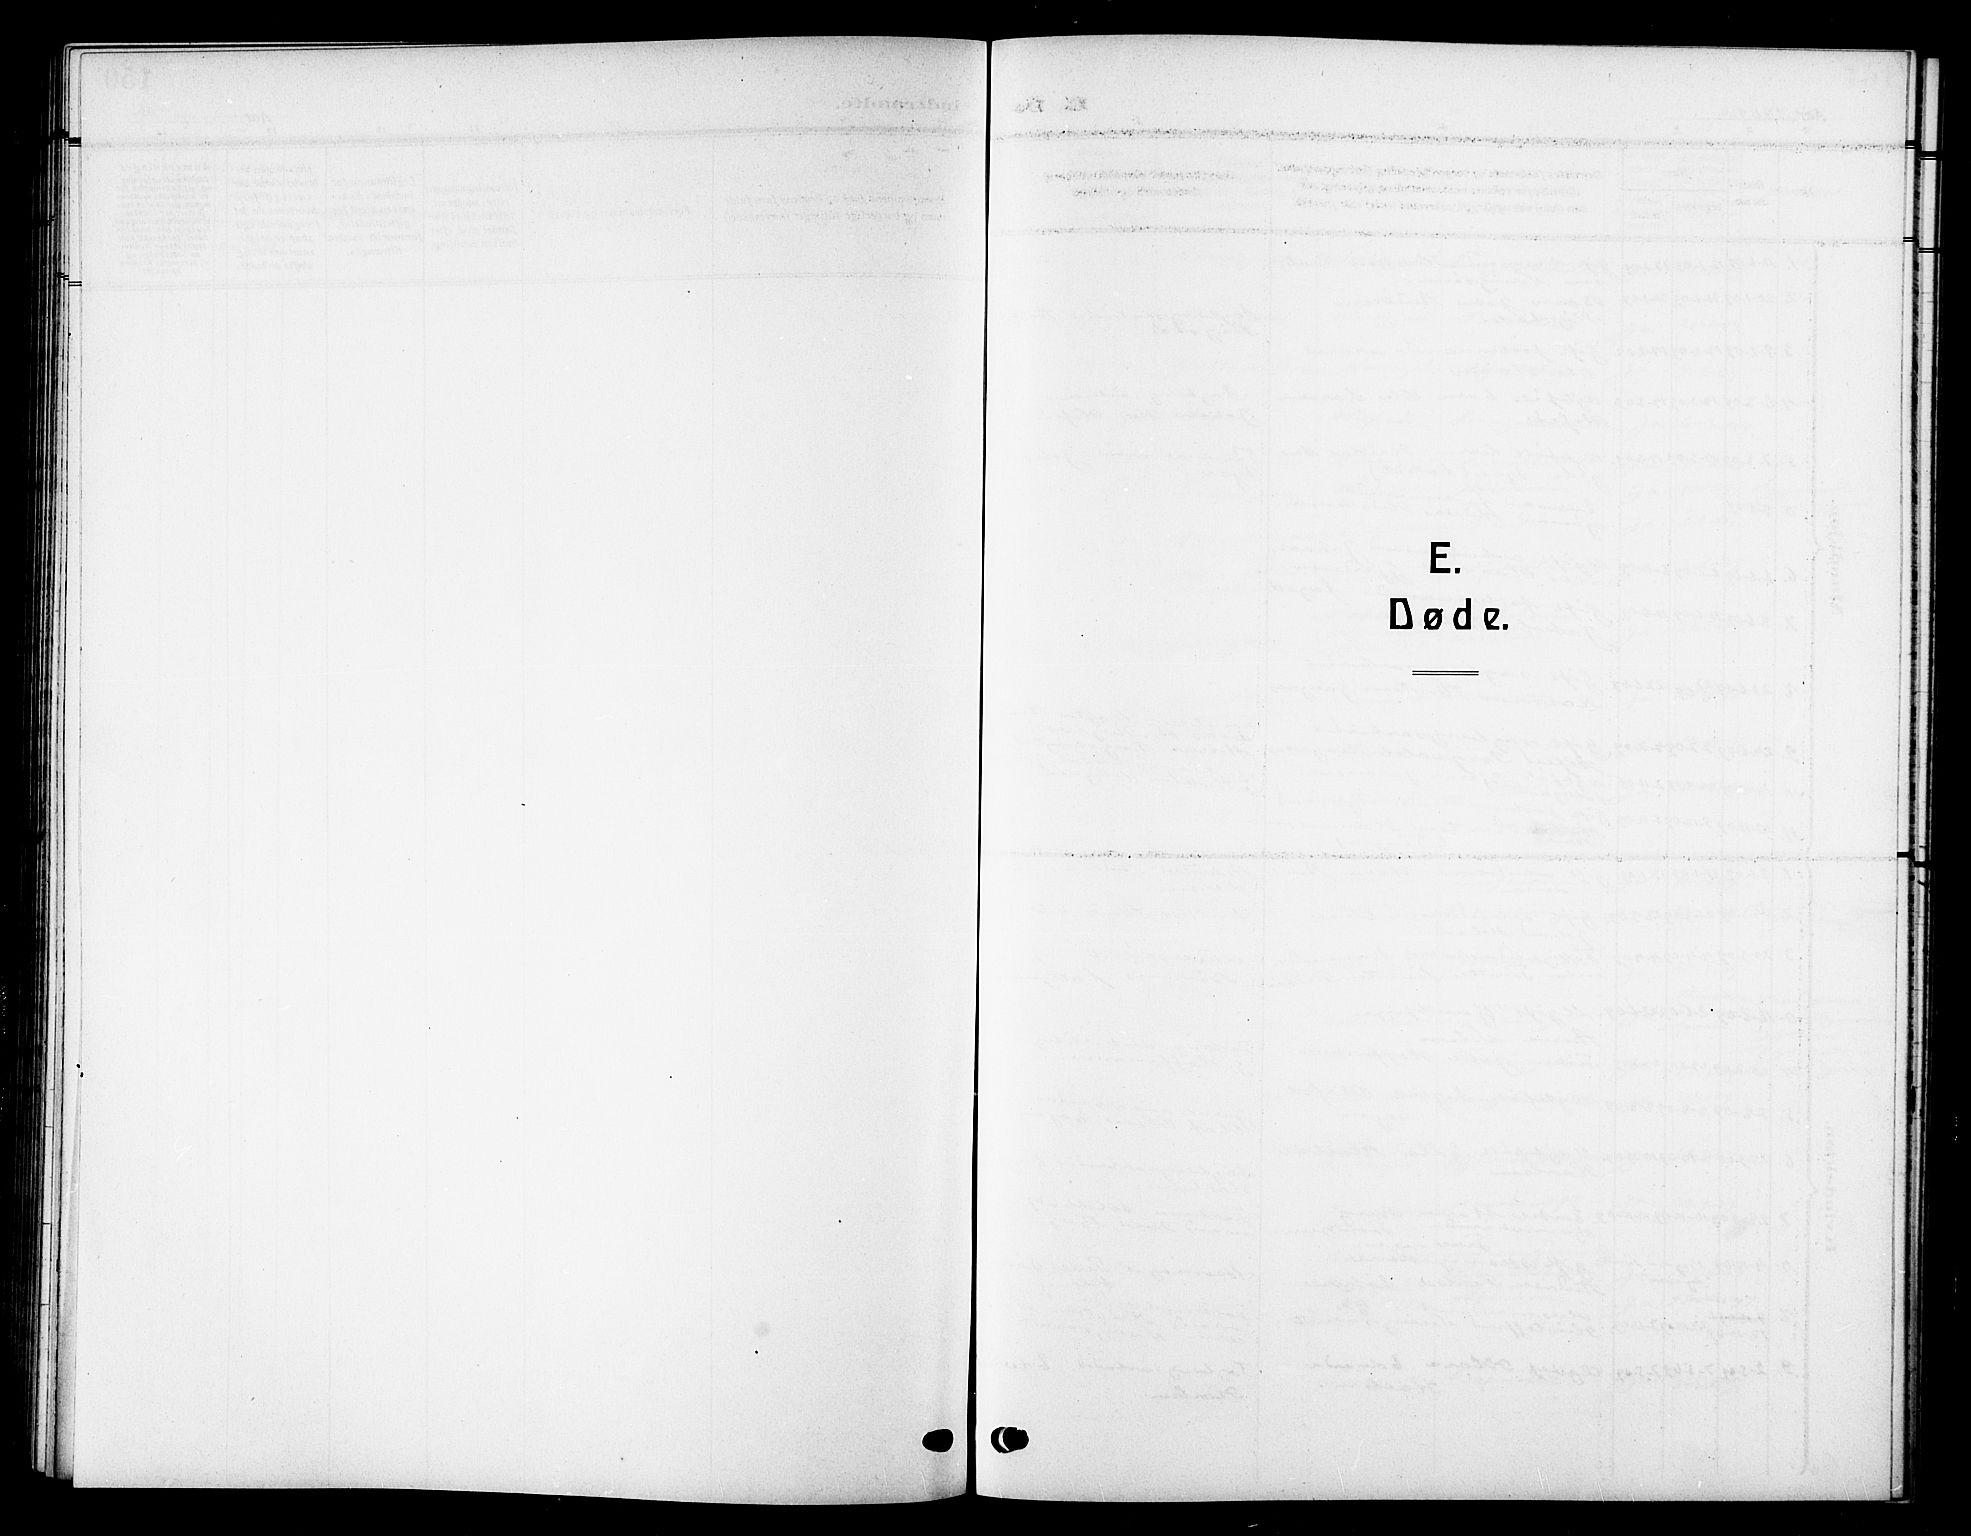 SAT, Ministerialprotokoller, klokkerbøker og fødselsregistre - Sør-Trøndelag, 669/L0831: Klokkerbok nr. 669C01, 1909-1924